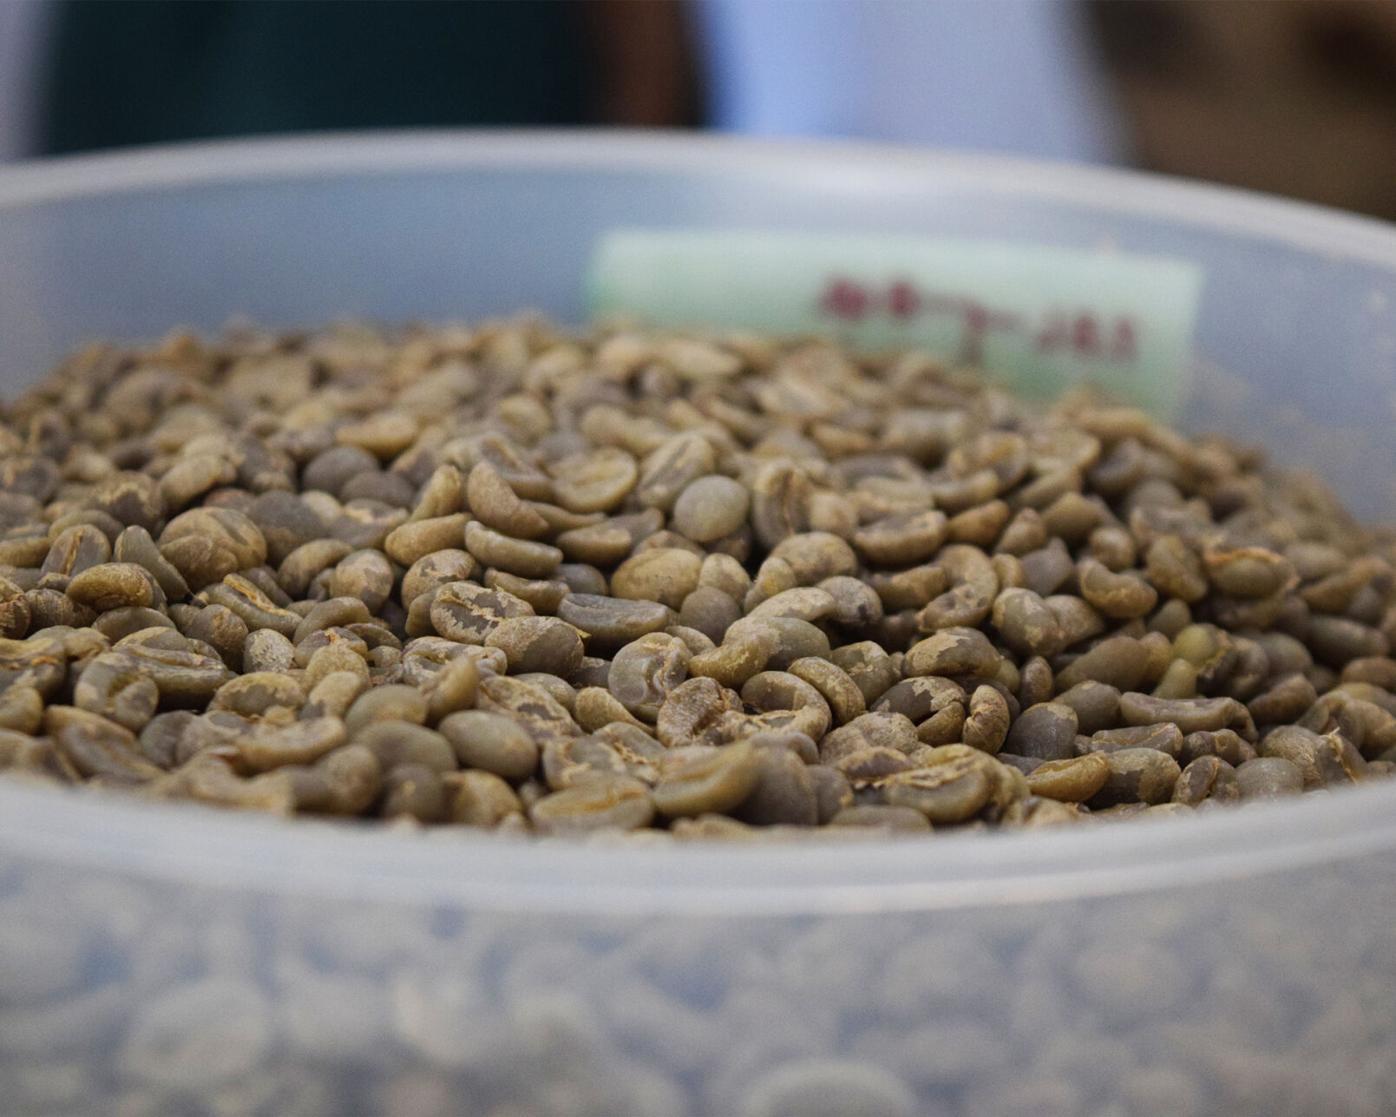 Cafe de Leche - Green Coffee Beans